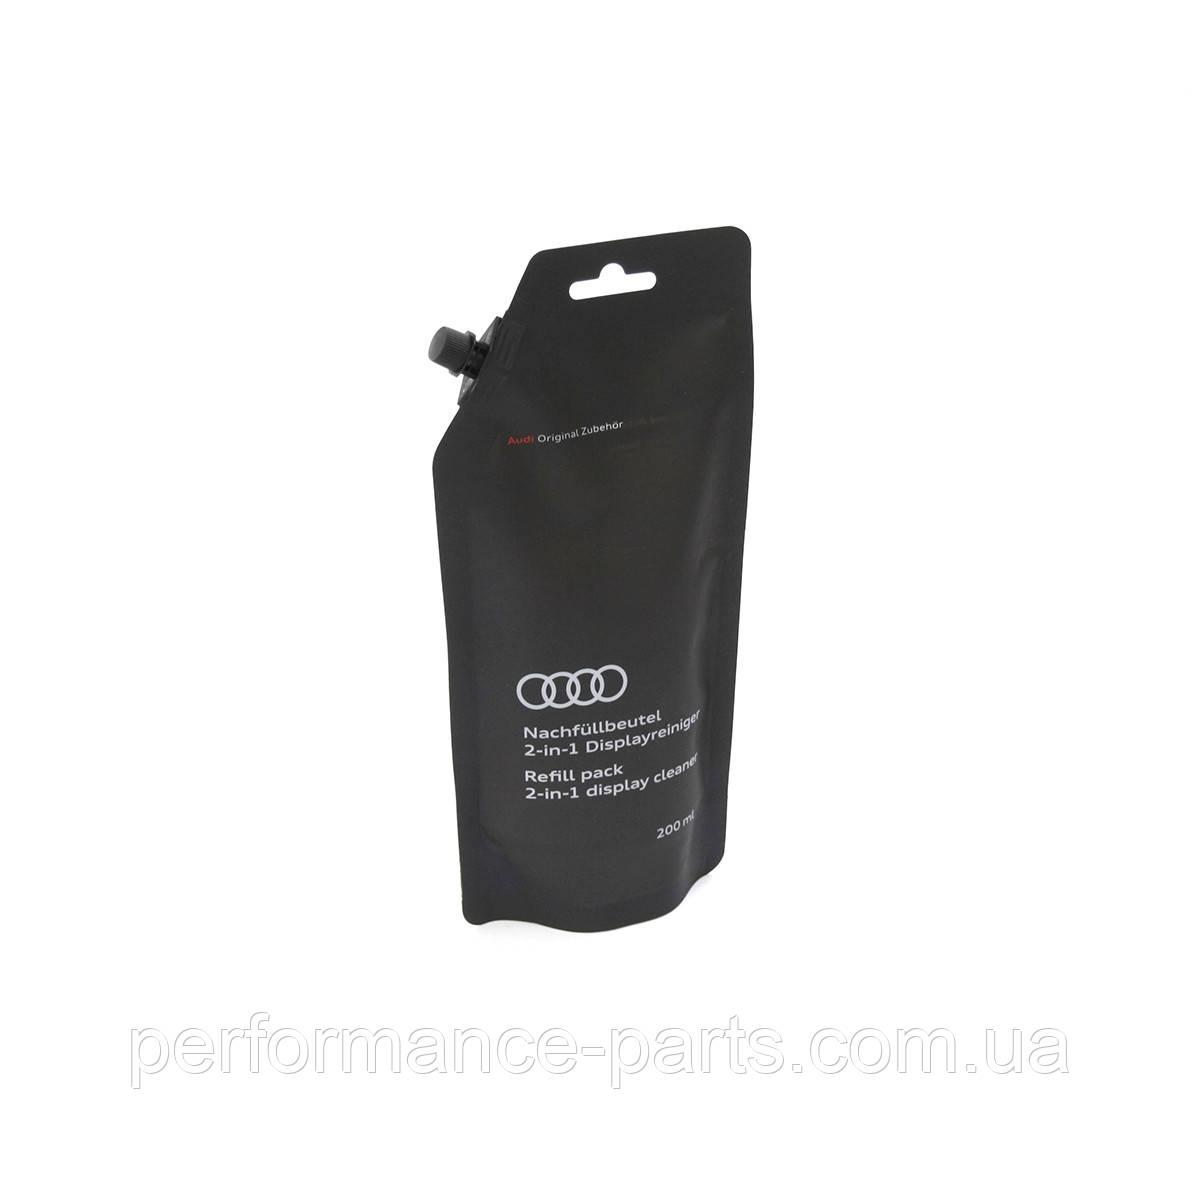 Оригинальное для заправки Audi 2-в-1 очиститель дисплея Очистка дисплея 200 мл сменная упаковка 81A09631